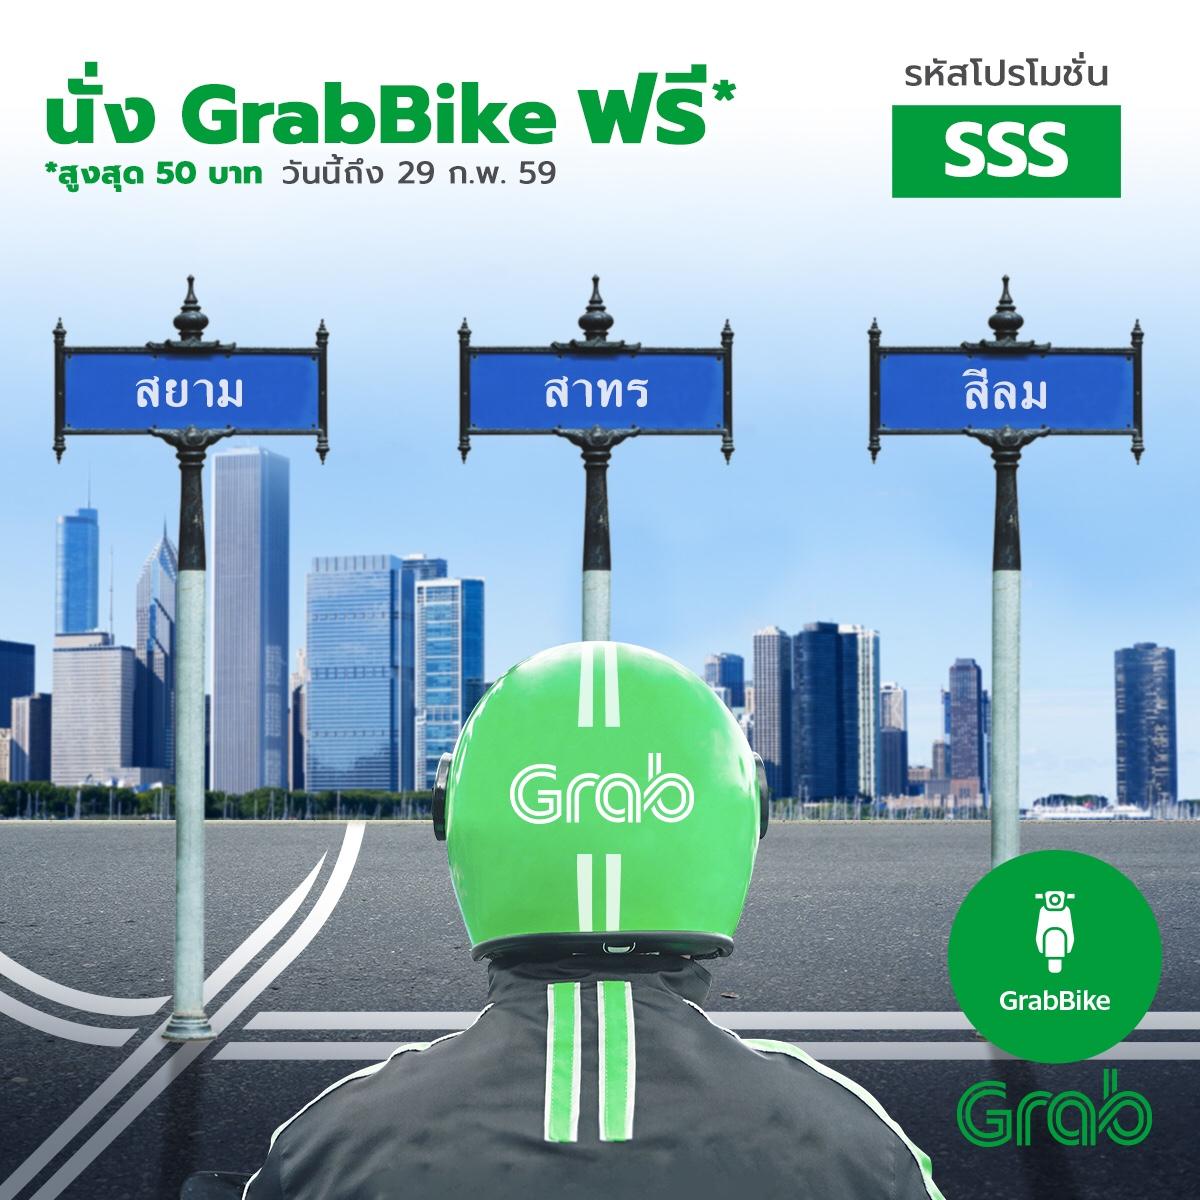 """โปรโมชั่น GrabBike ให้นั่งฟรี (50บาท) ไม่จำกัดครั้ง ในย่าน """"3 ส."""""""